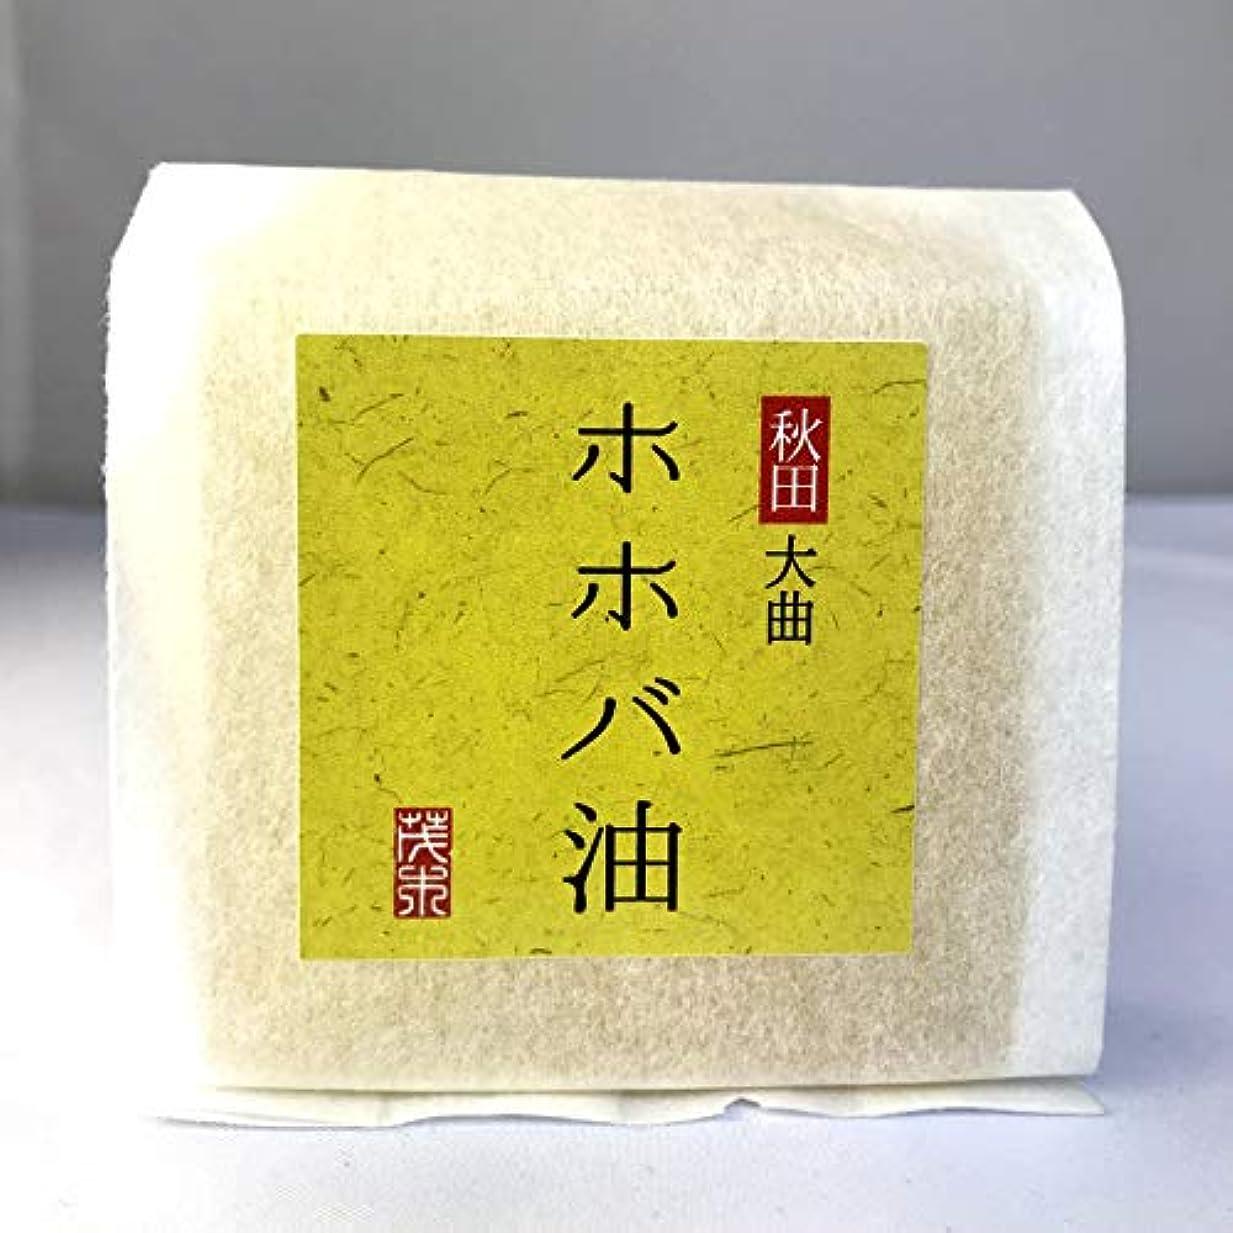 発行チューインガム衣類無添加石鹸 ホホバ油石鹸 100g